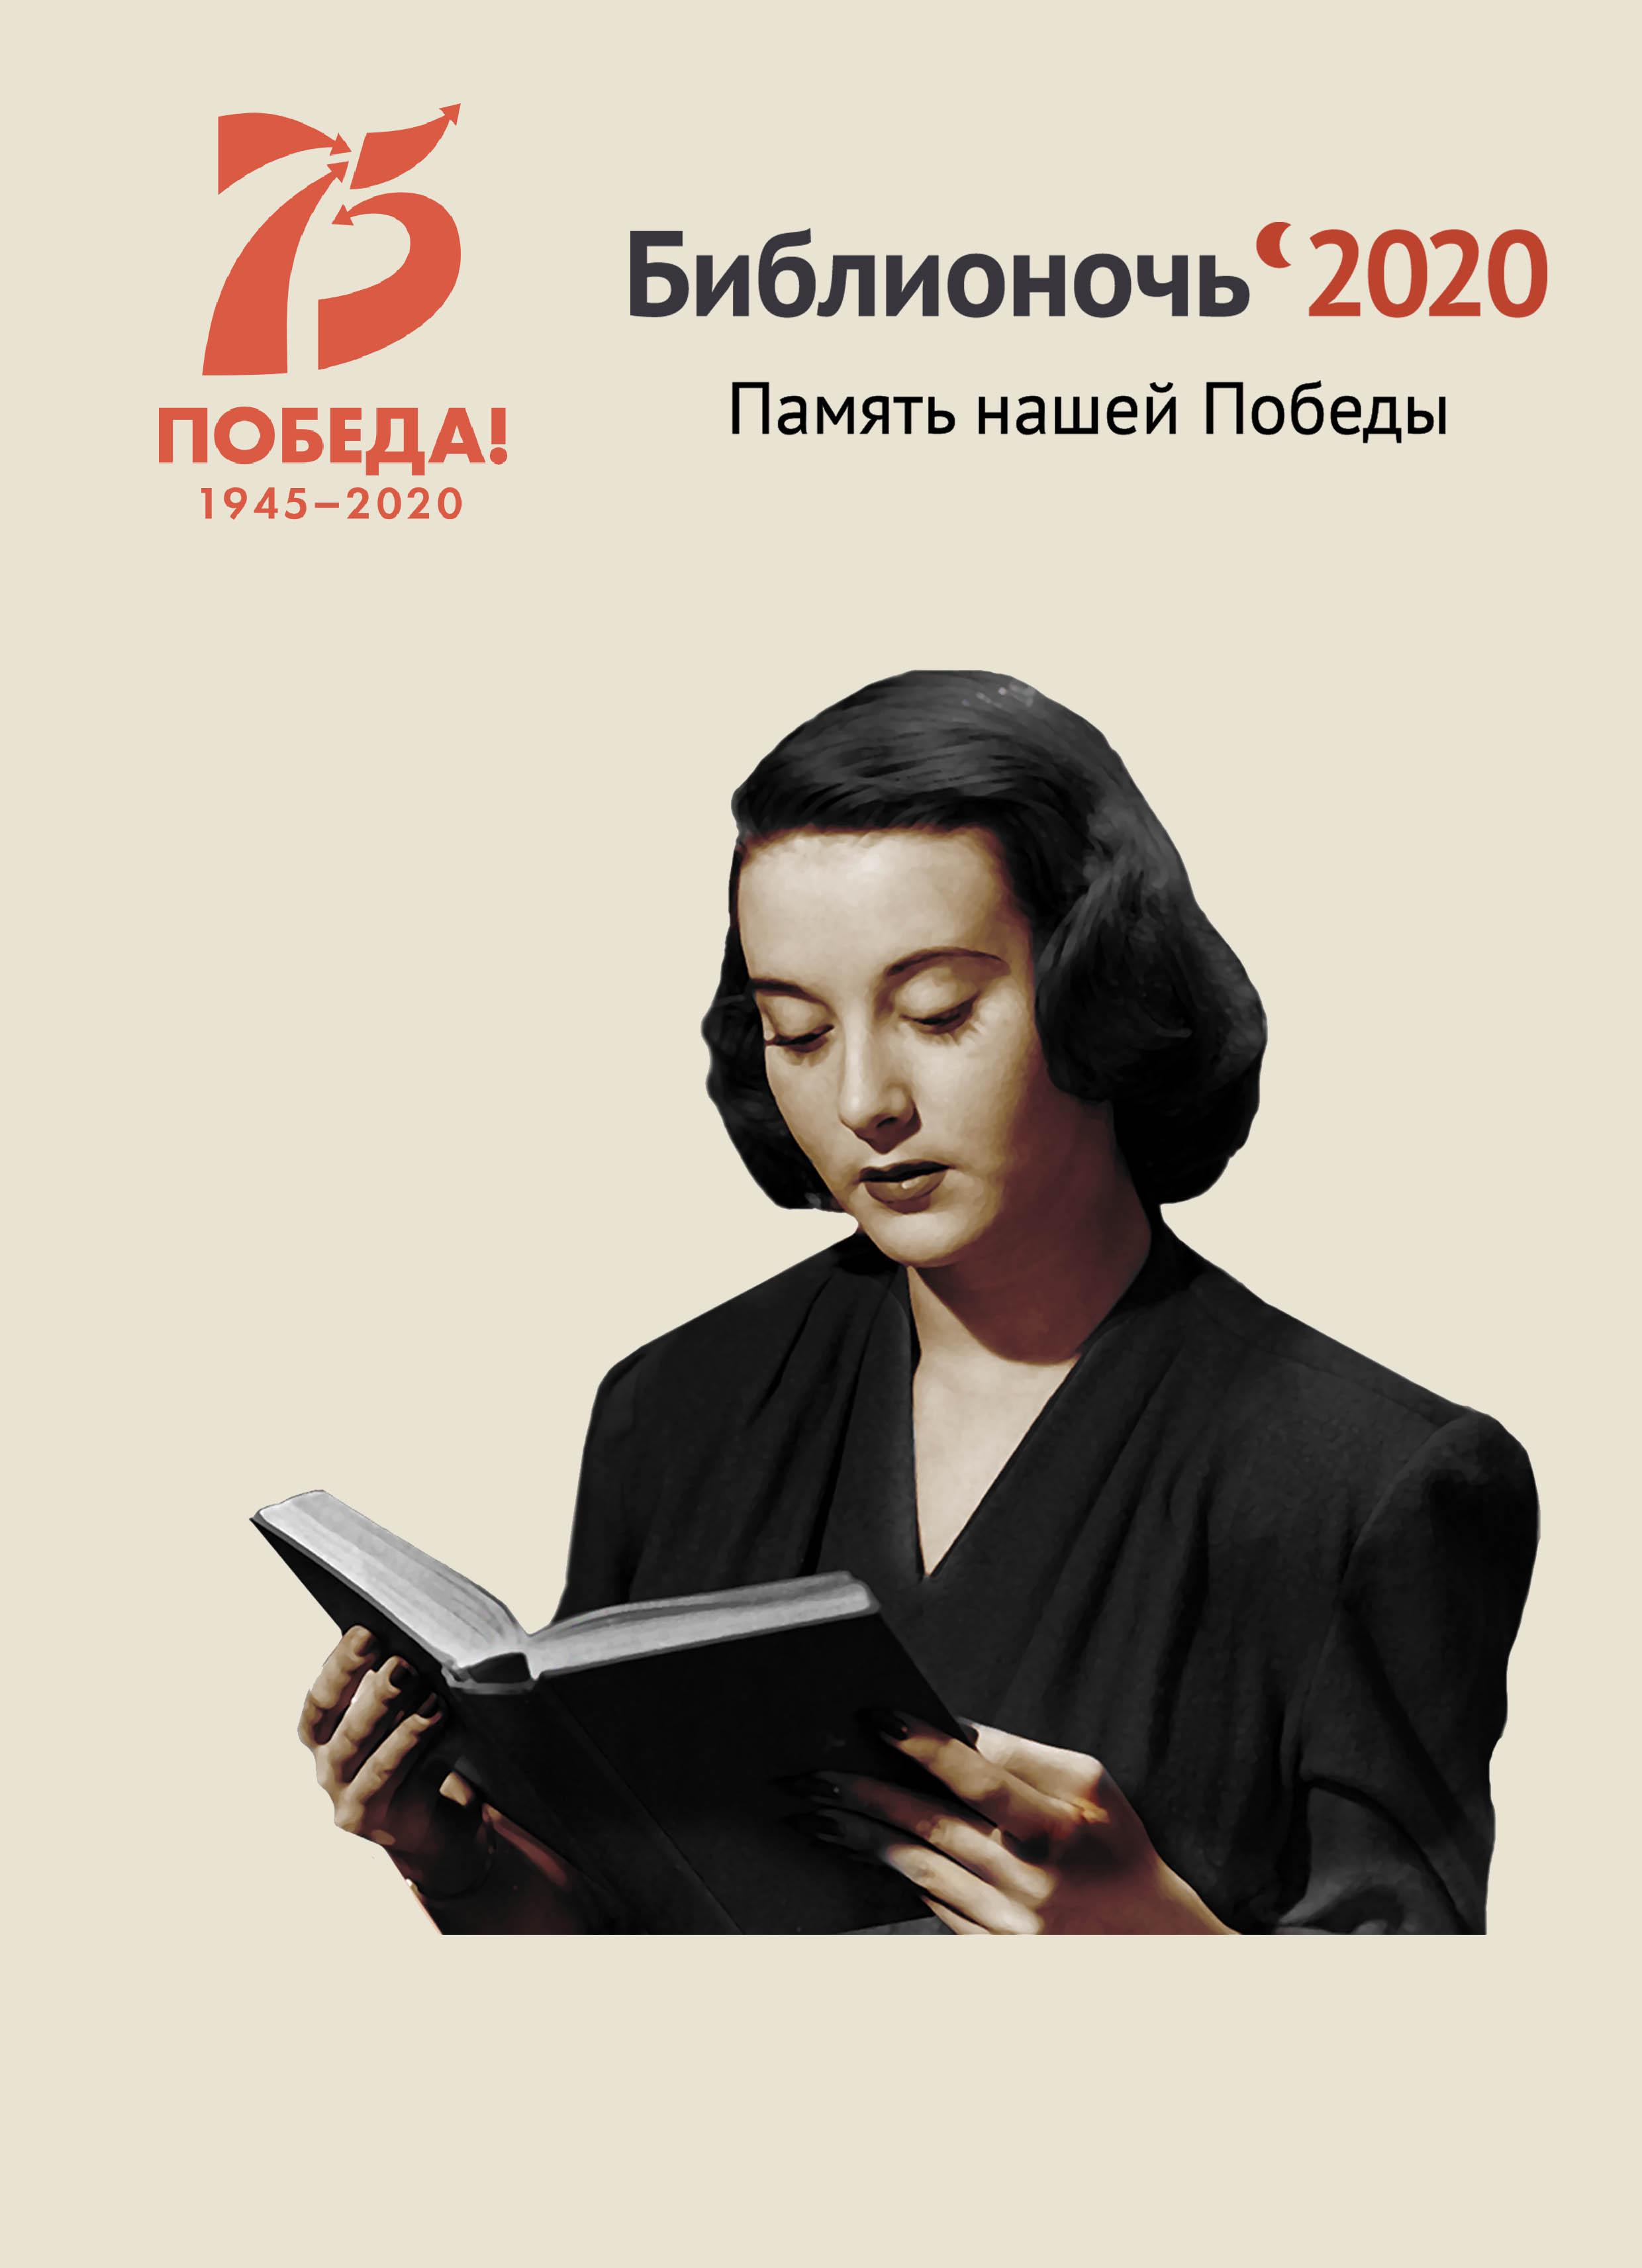 Библионочь-2020